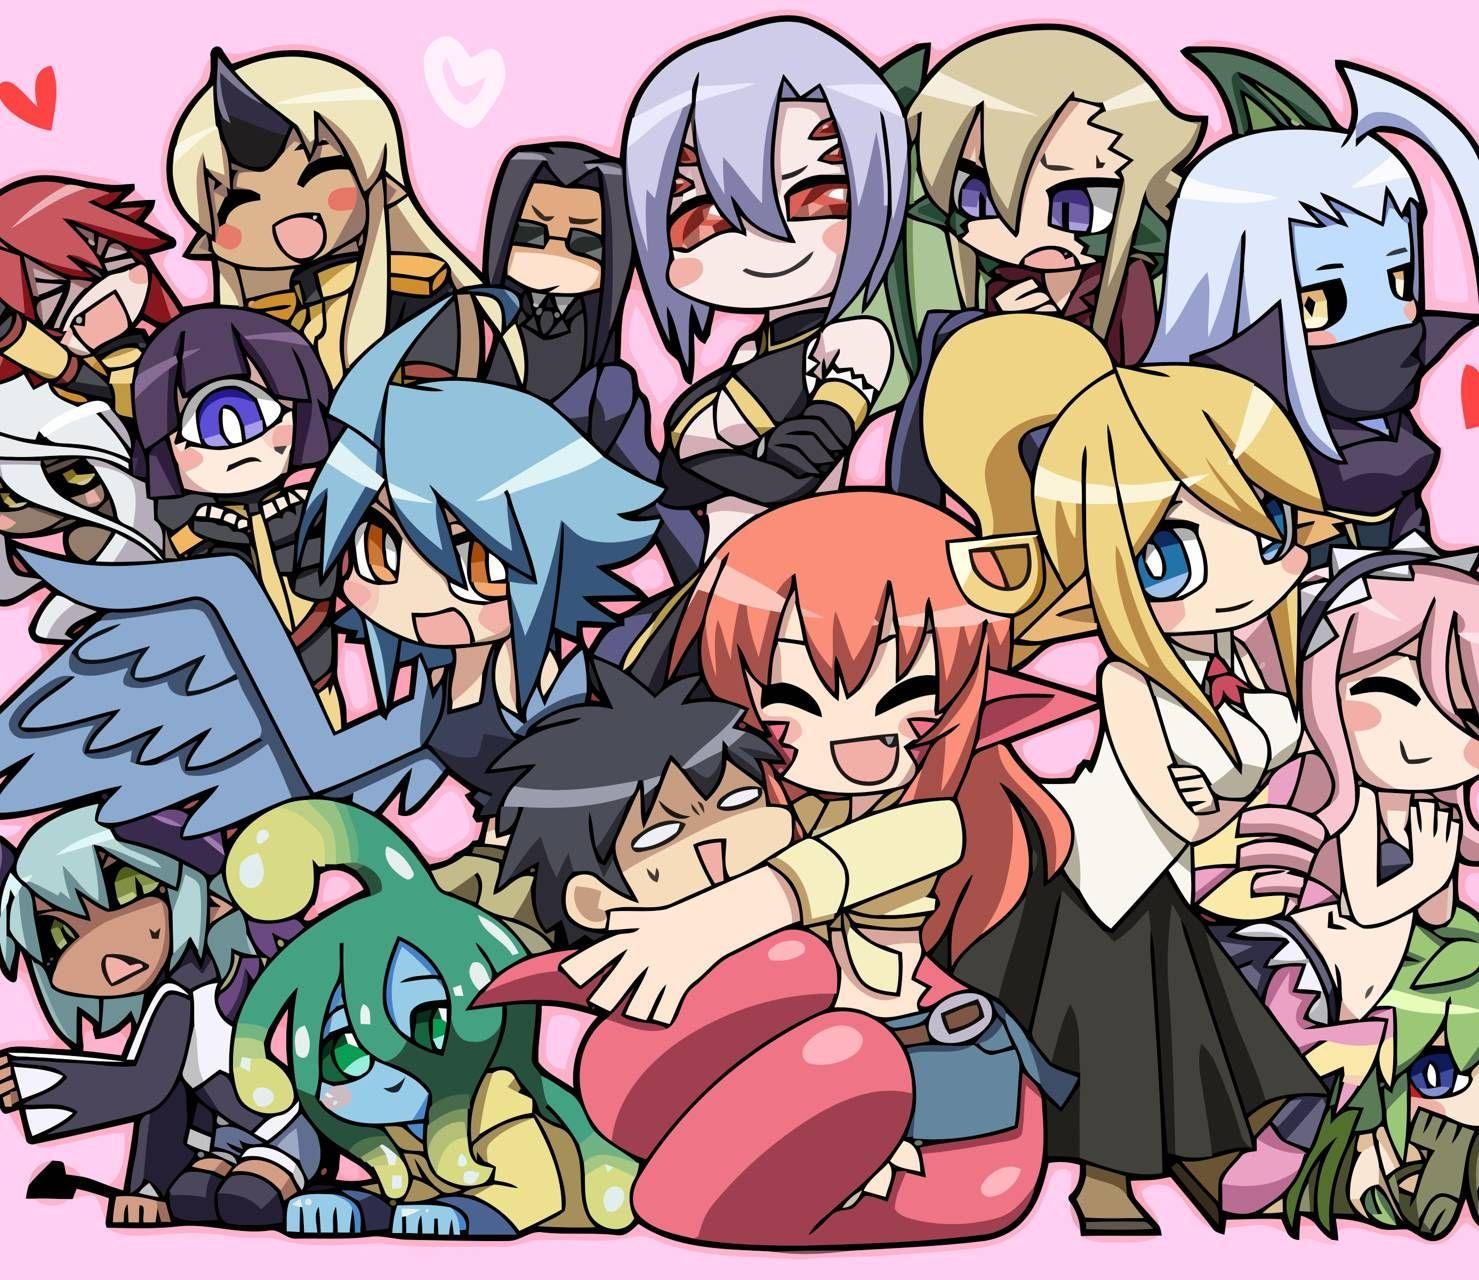 Download Monster Musume Chibi Wallpaper by strifeexcalibu ...